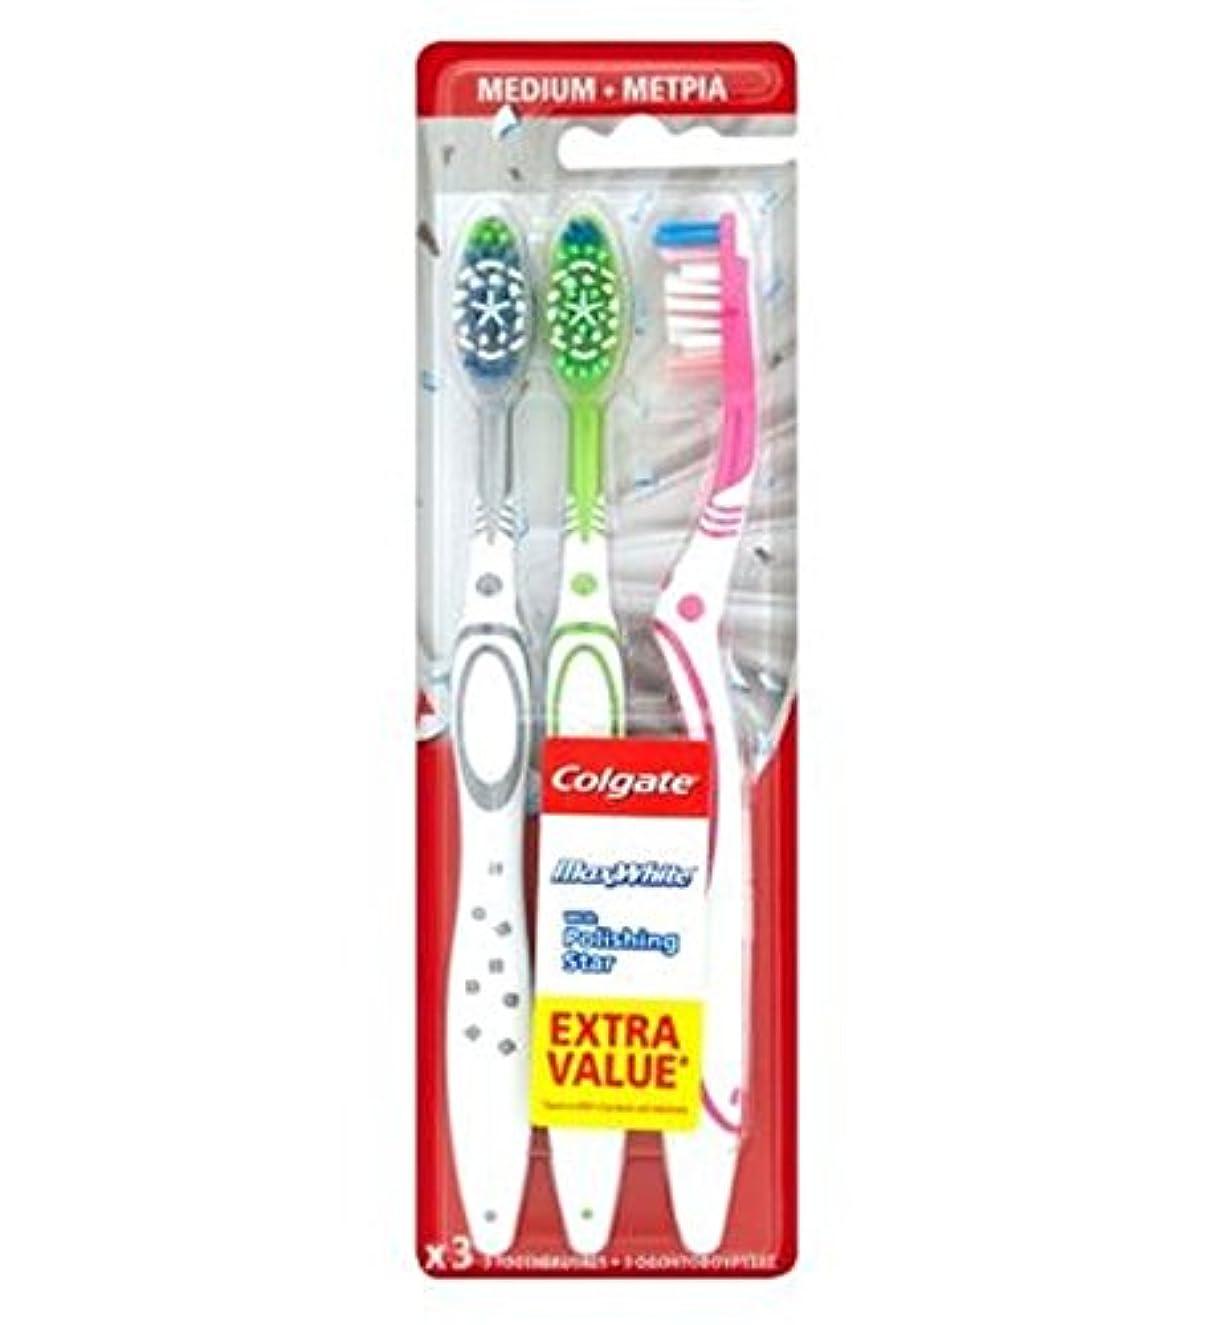 恋人役に立つ指コルゲートマックスホワイトトリプルパック歯ブラシ (Colgate) (x2) - Colgate Max White Triple Pack toothbrush (Pack of 2) [並行輸入品]